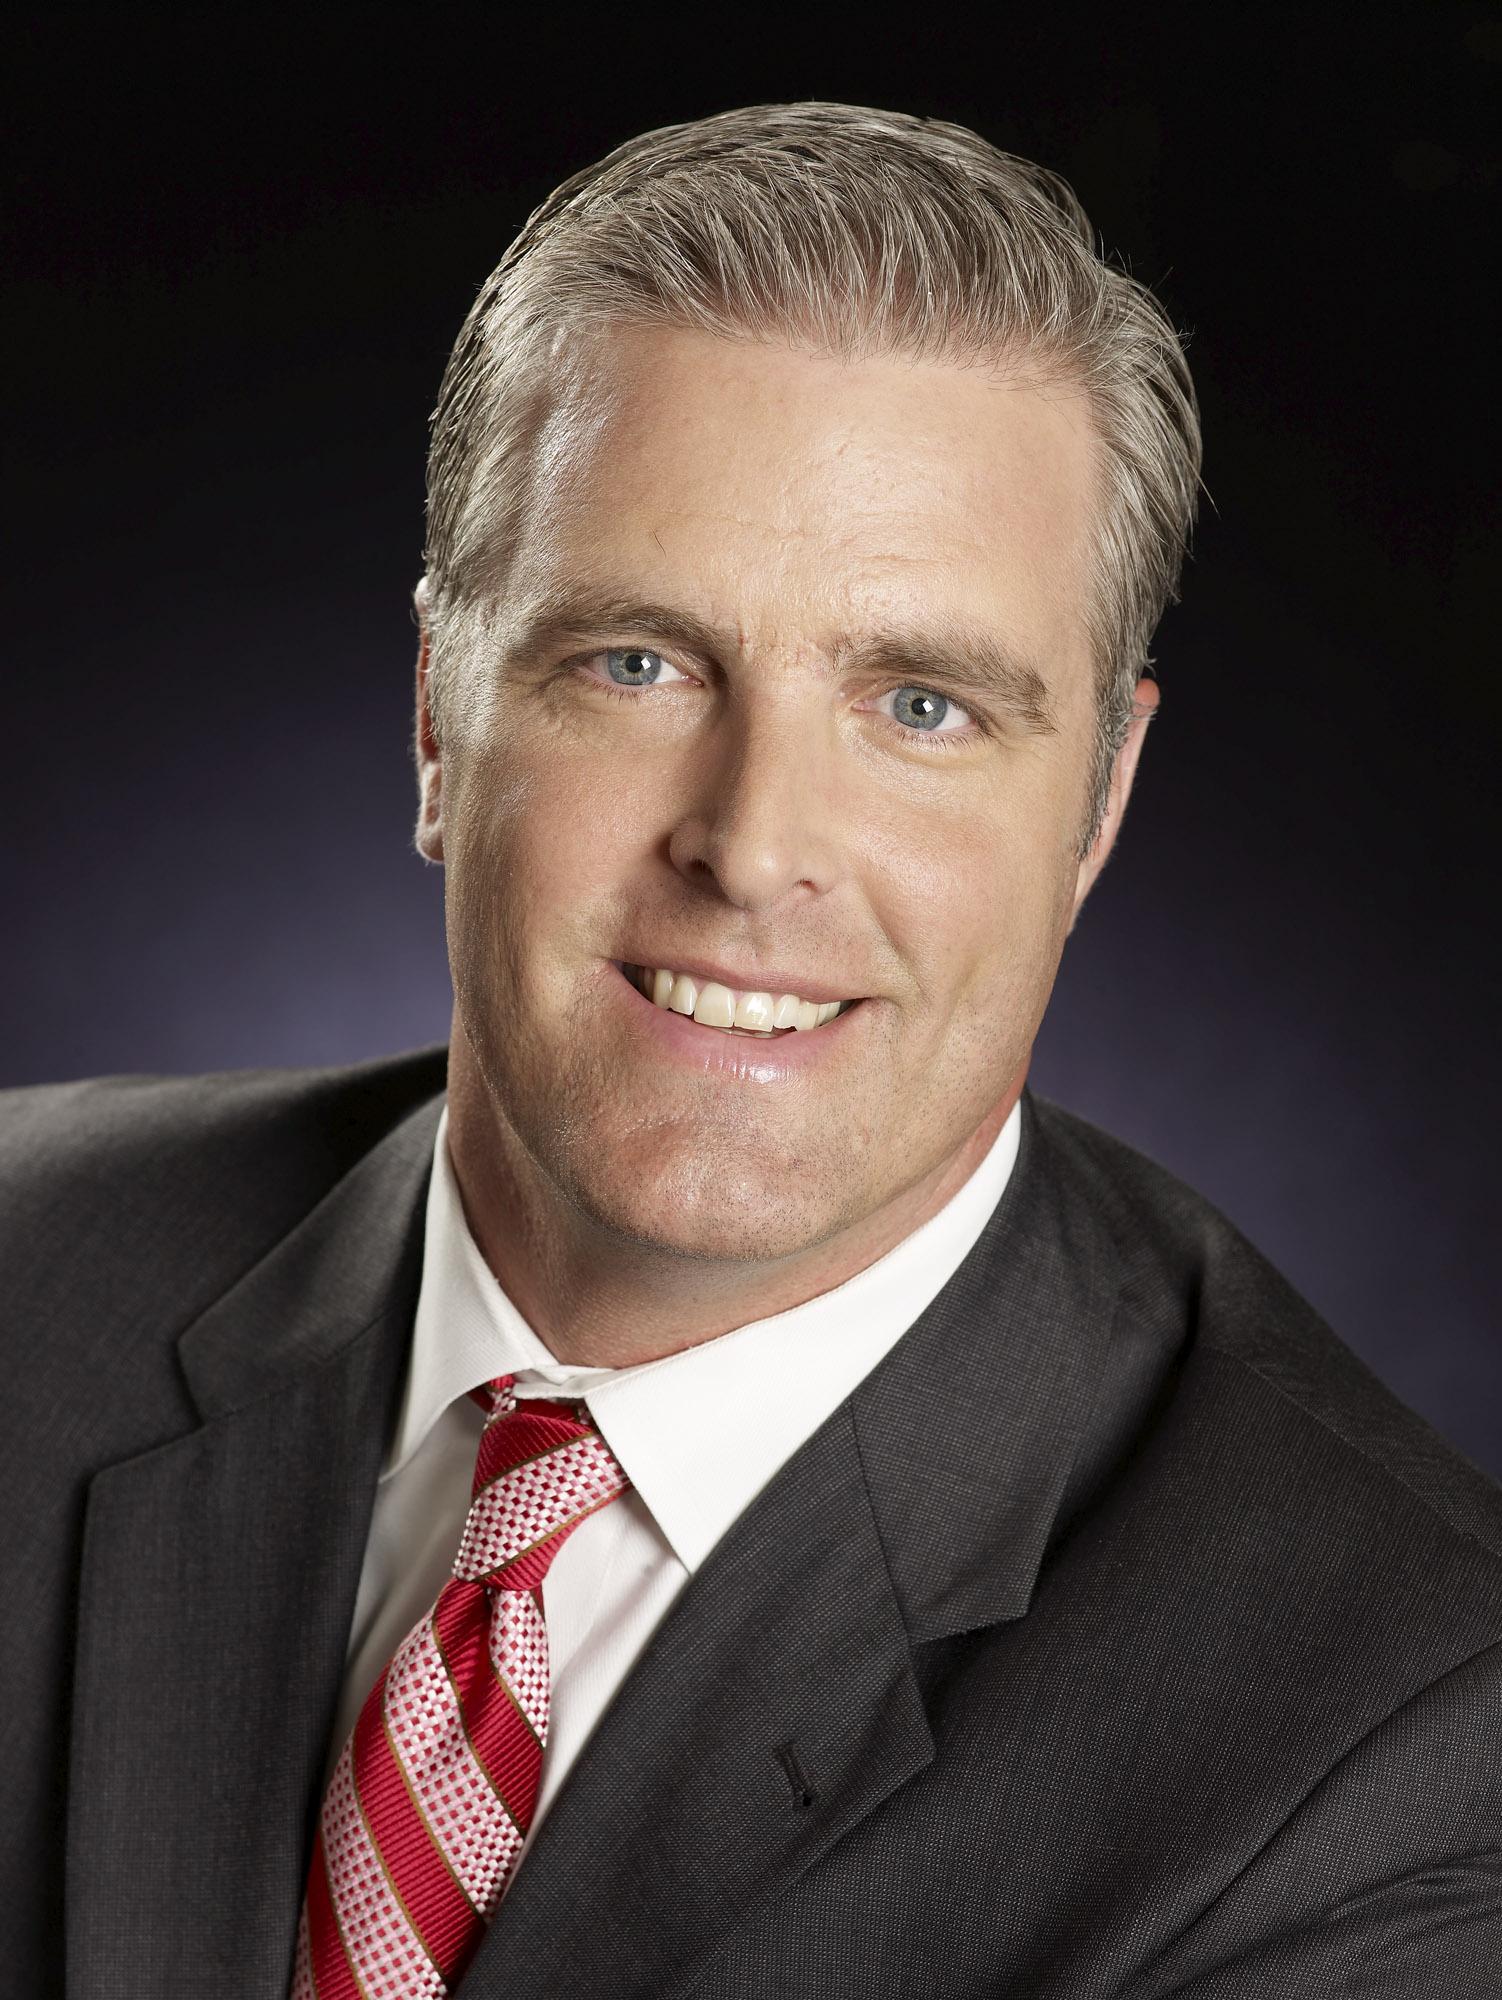 Richard C. Nordvold